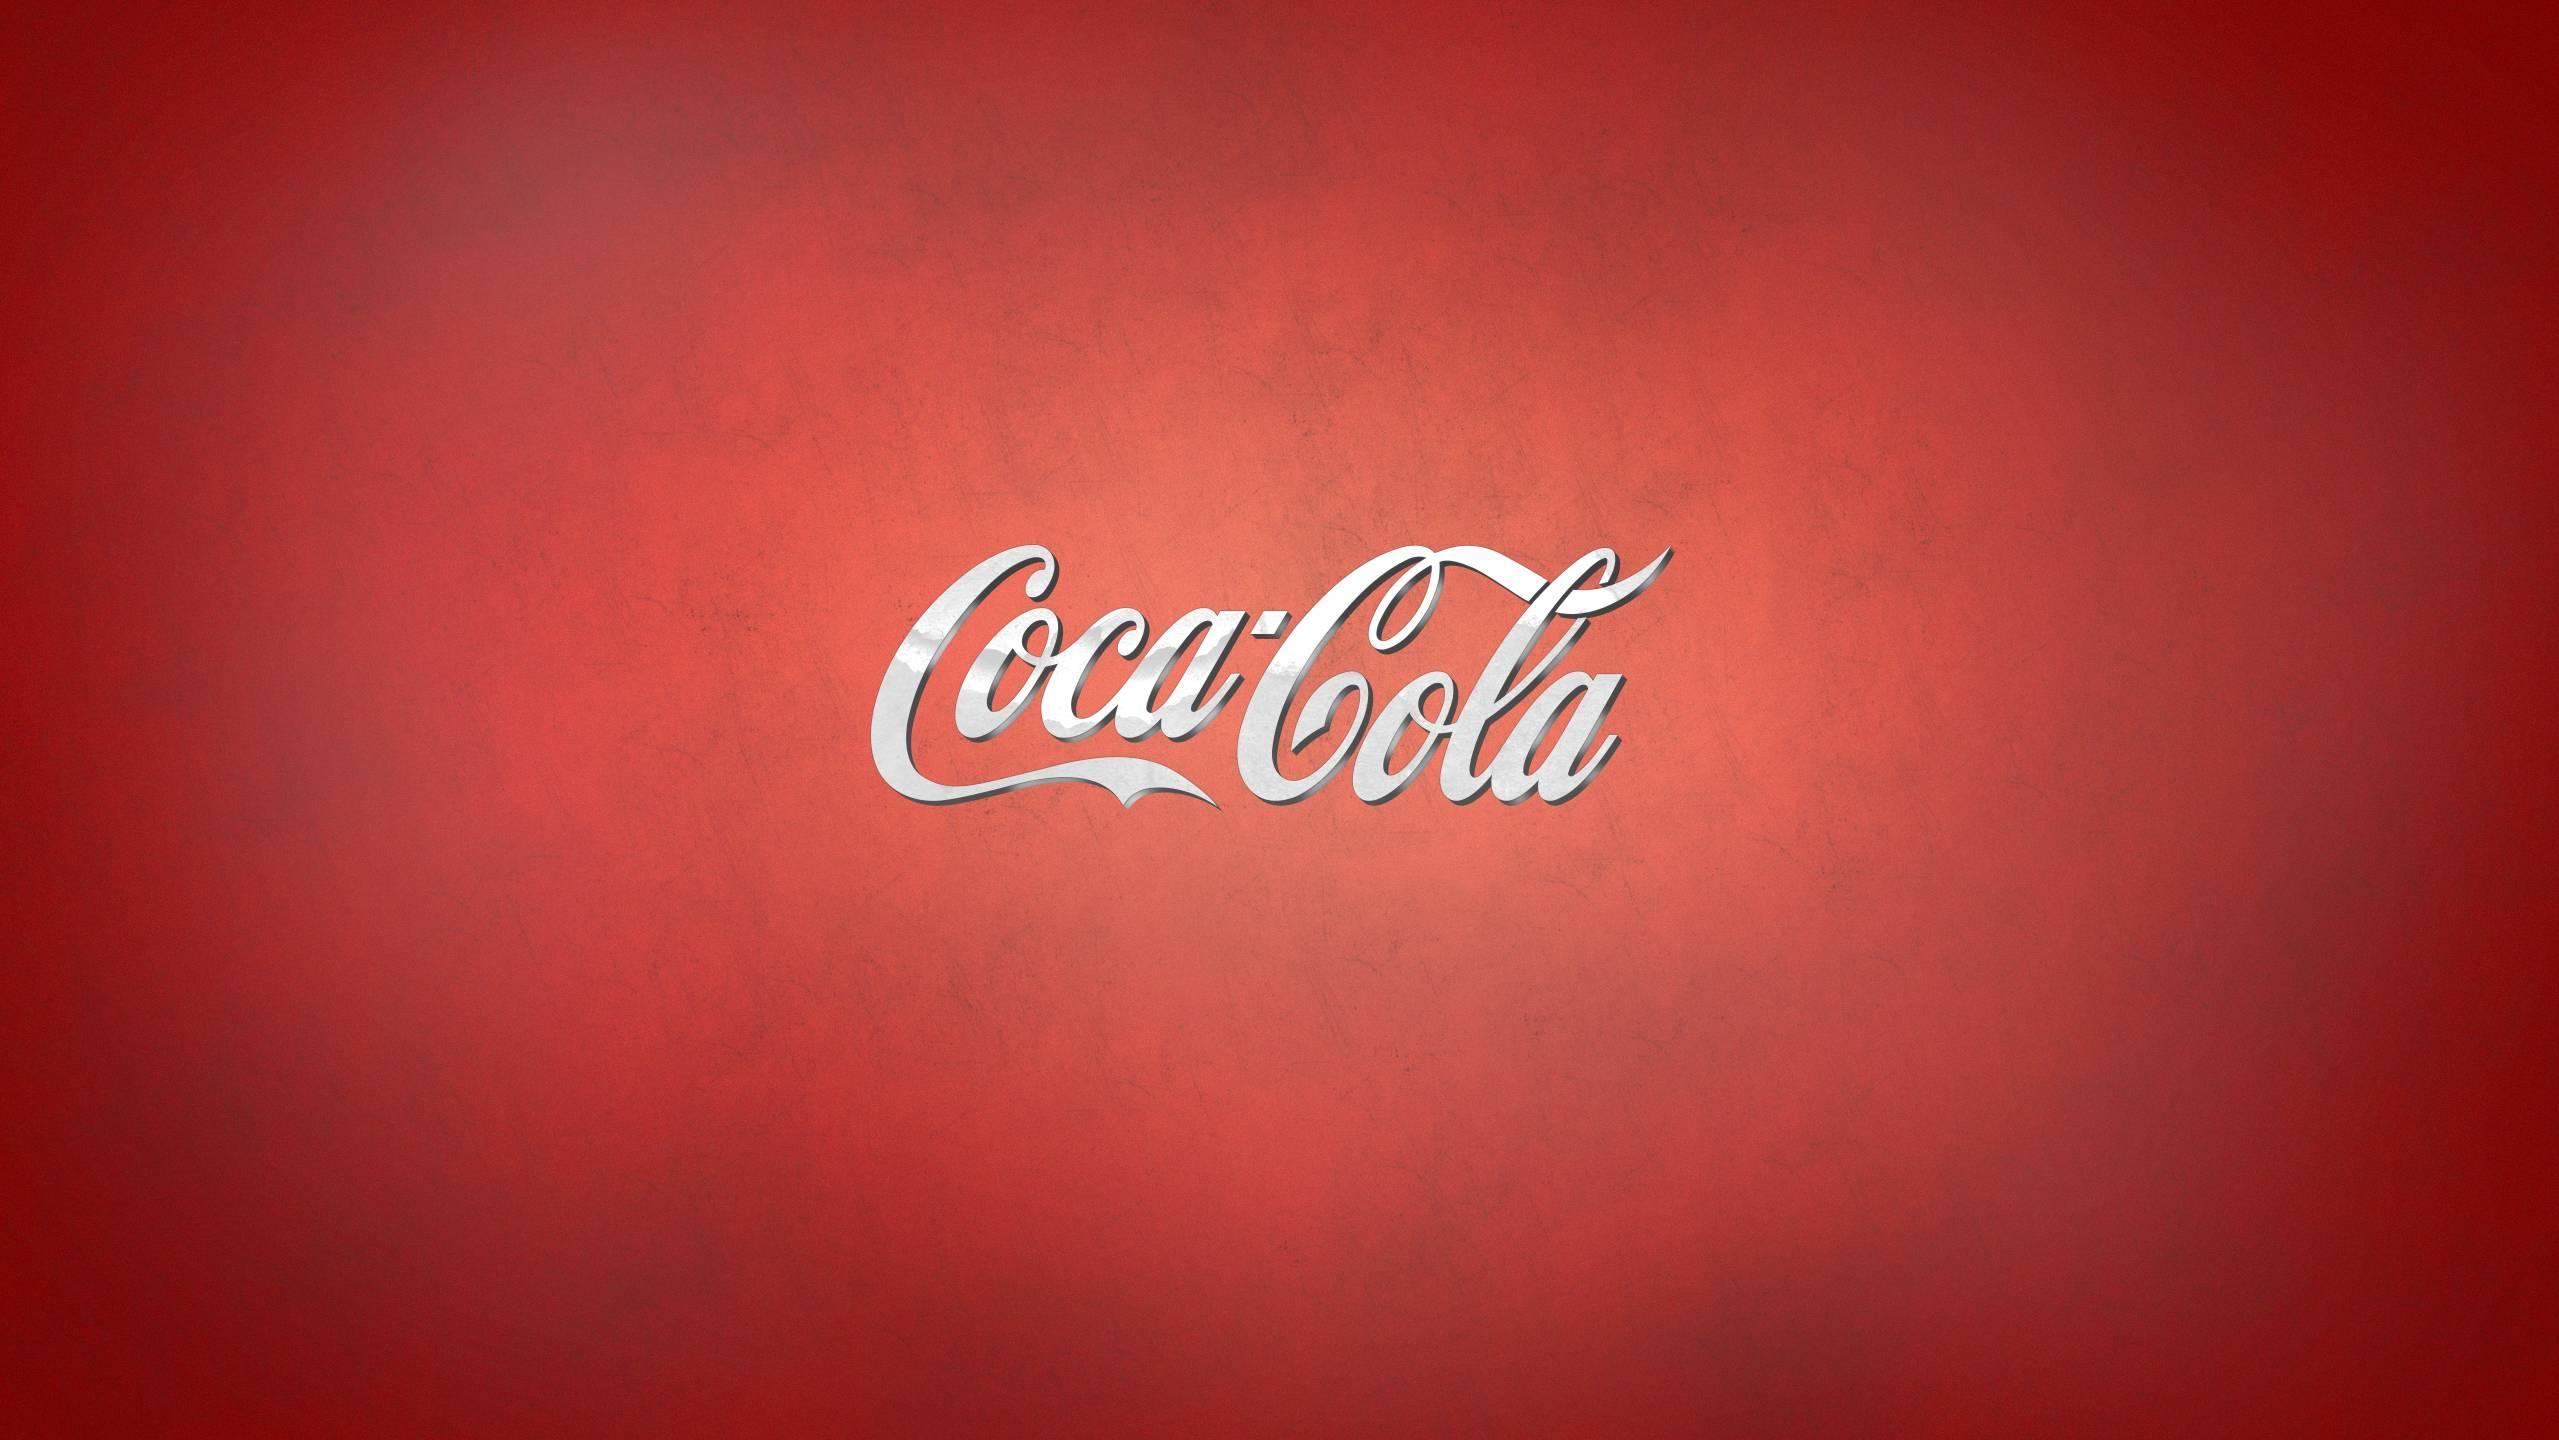 22314 Hintergrundbild herunterladen Marken, Hintergrund, Logos, Coca-Cola - Bildschirmschoner und Bilder kostenlos